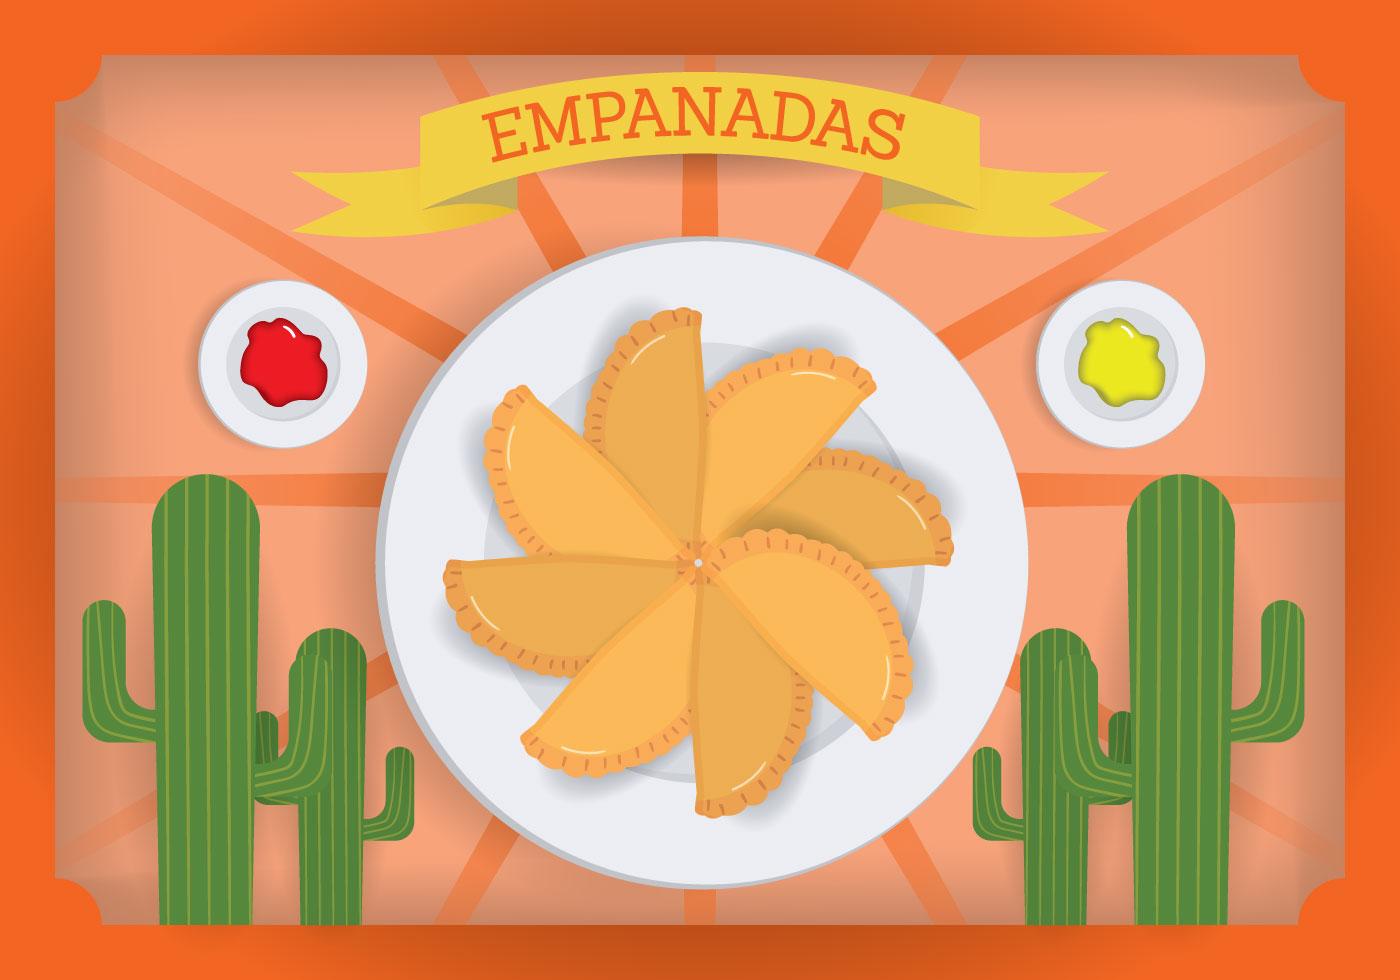 Empanada vector download free vector art stock graphics for Clipart gratis download